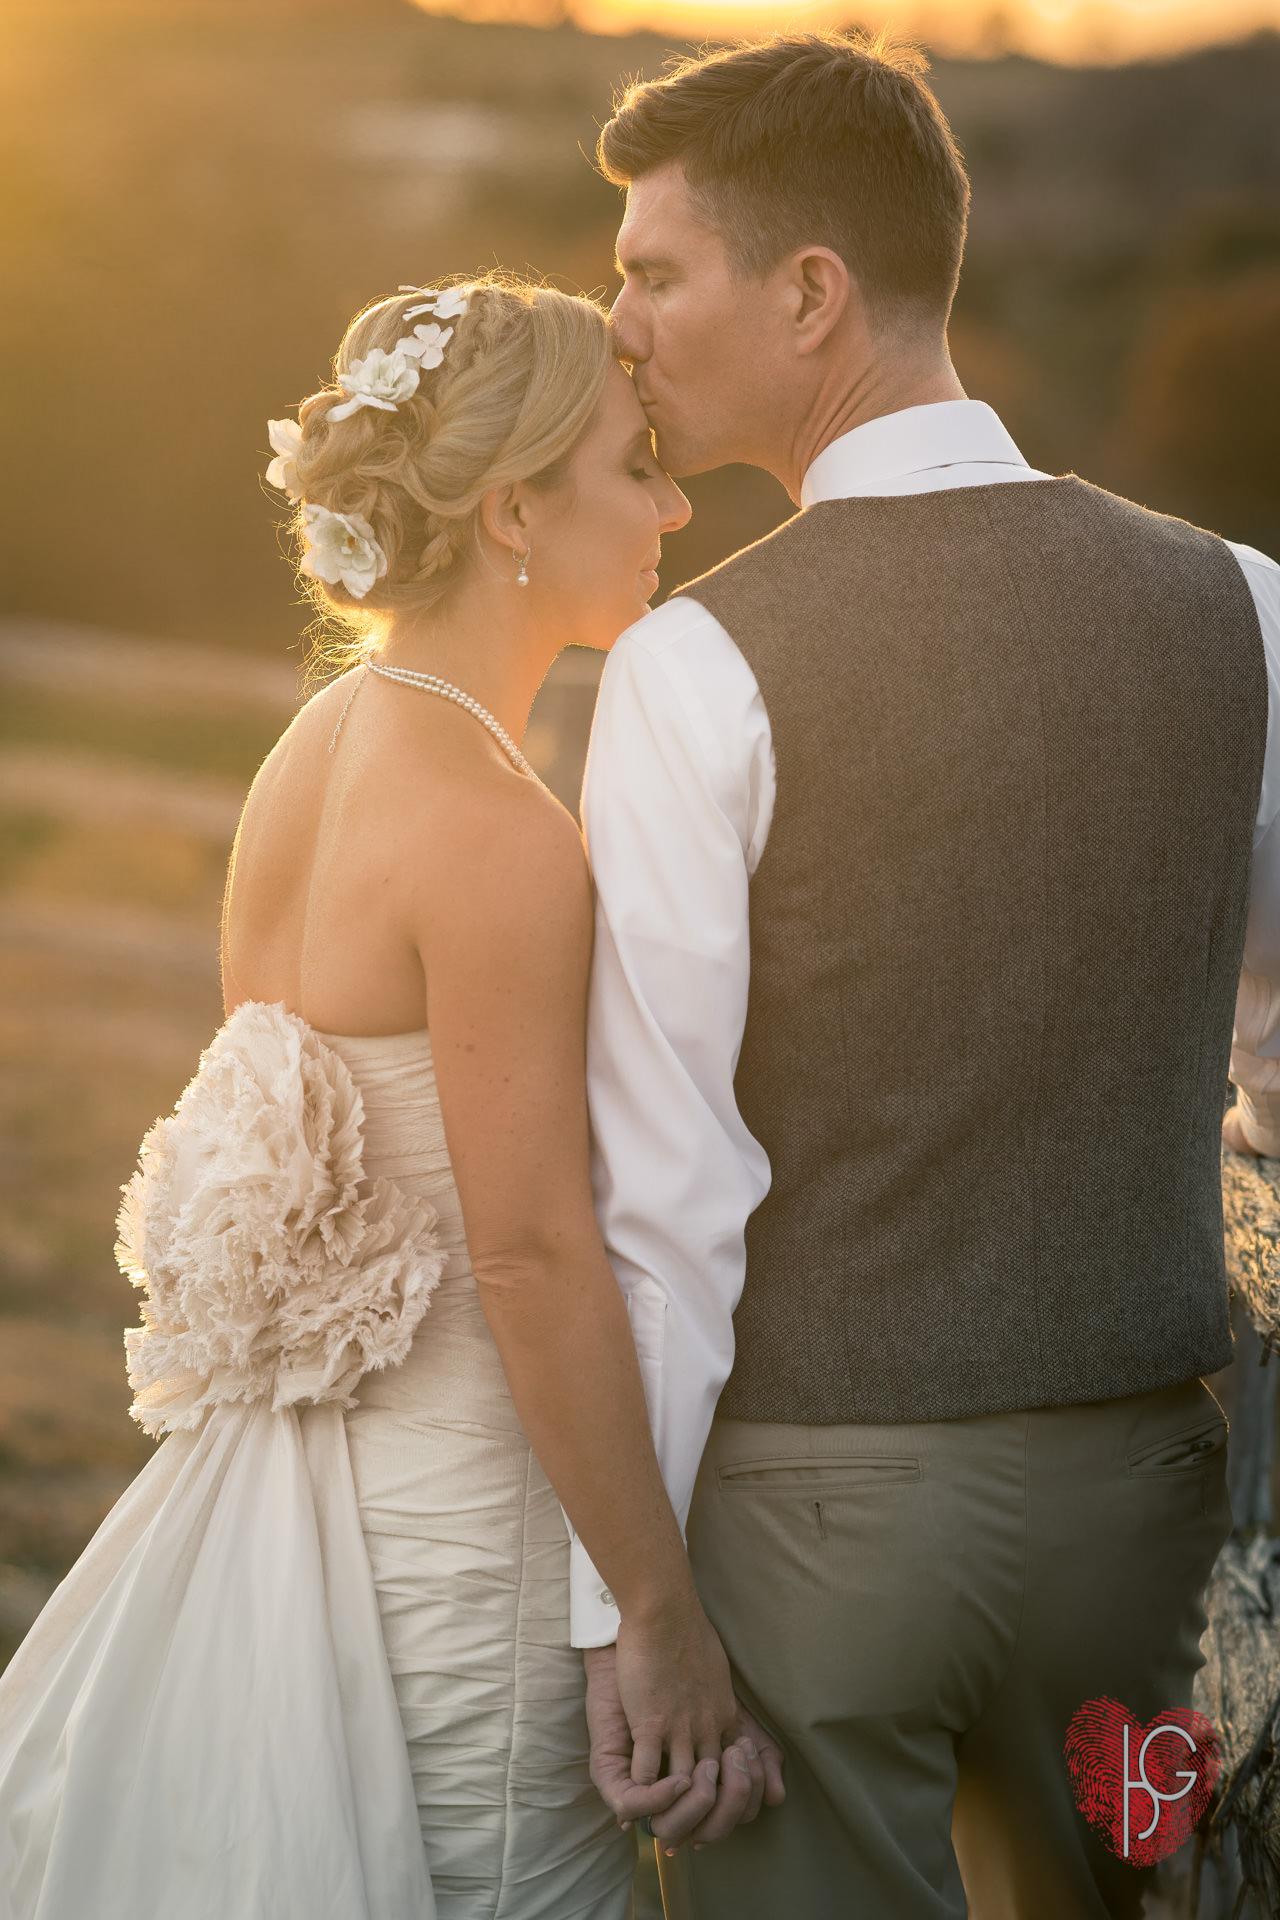 IGOR Photography Wedding Art